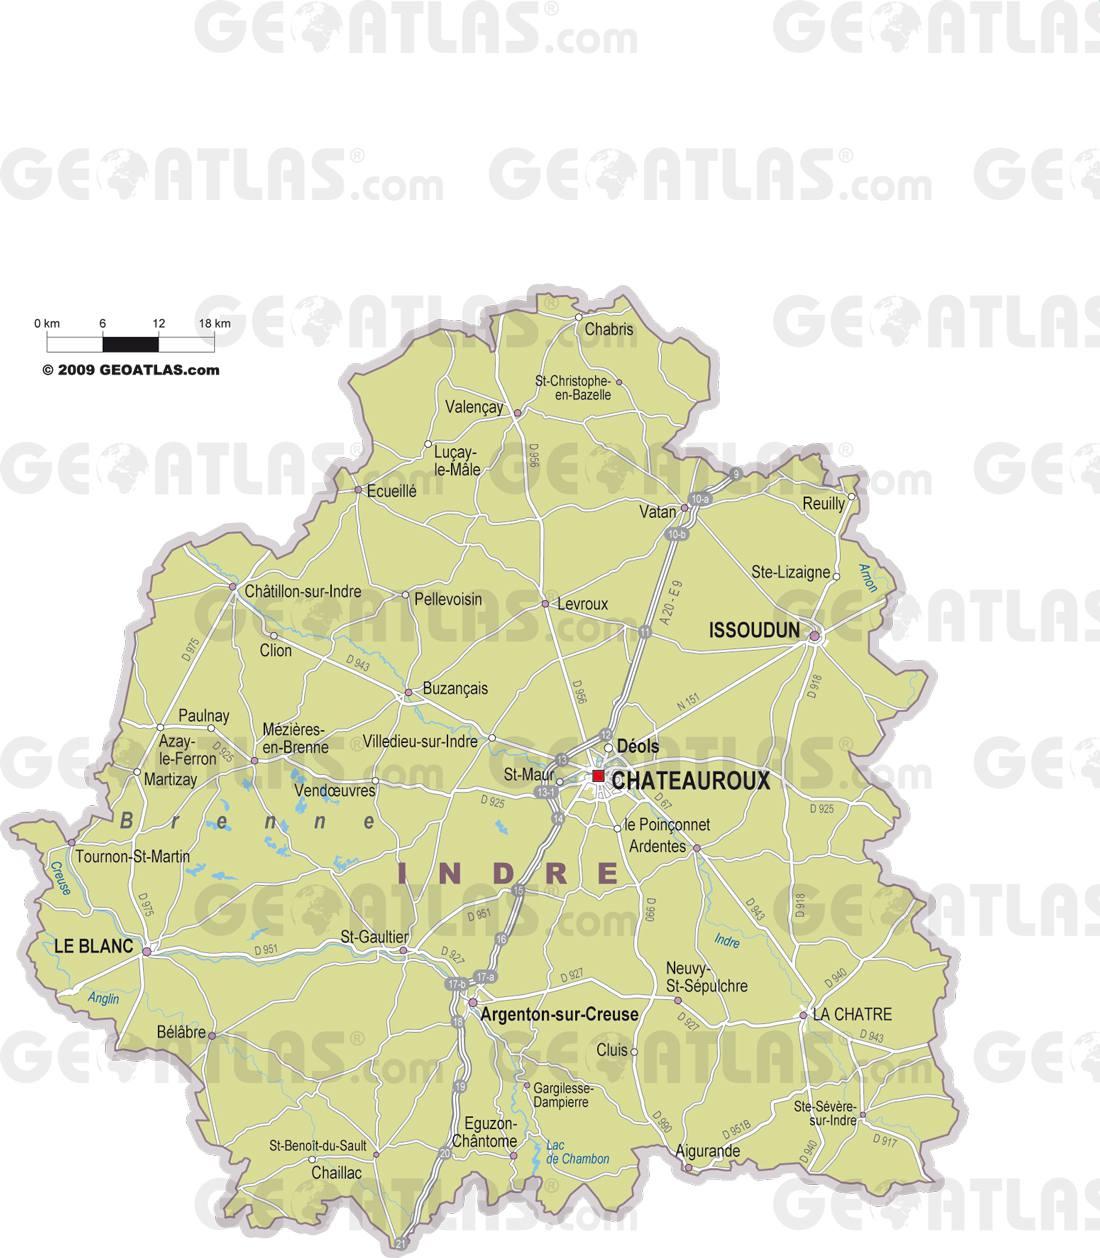 Carte des villes de l'Indre